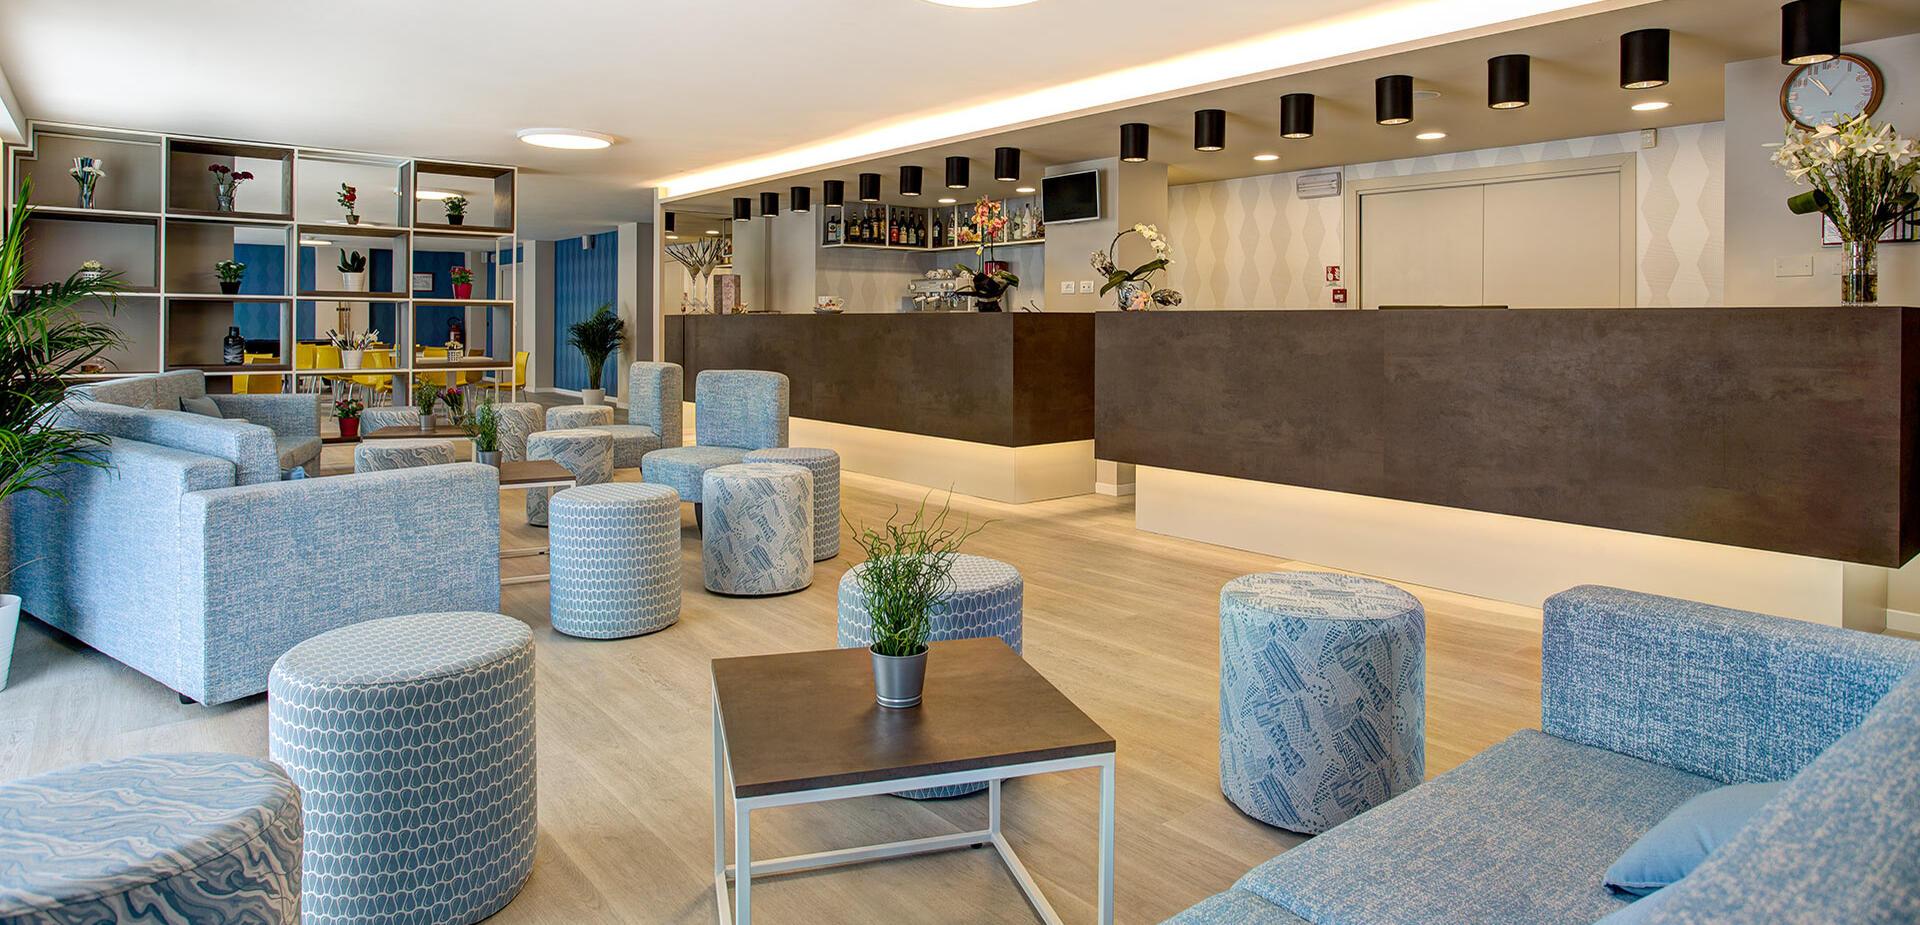 hotelervill en offer-list 012